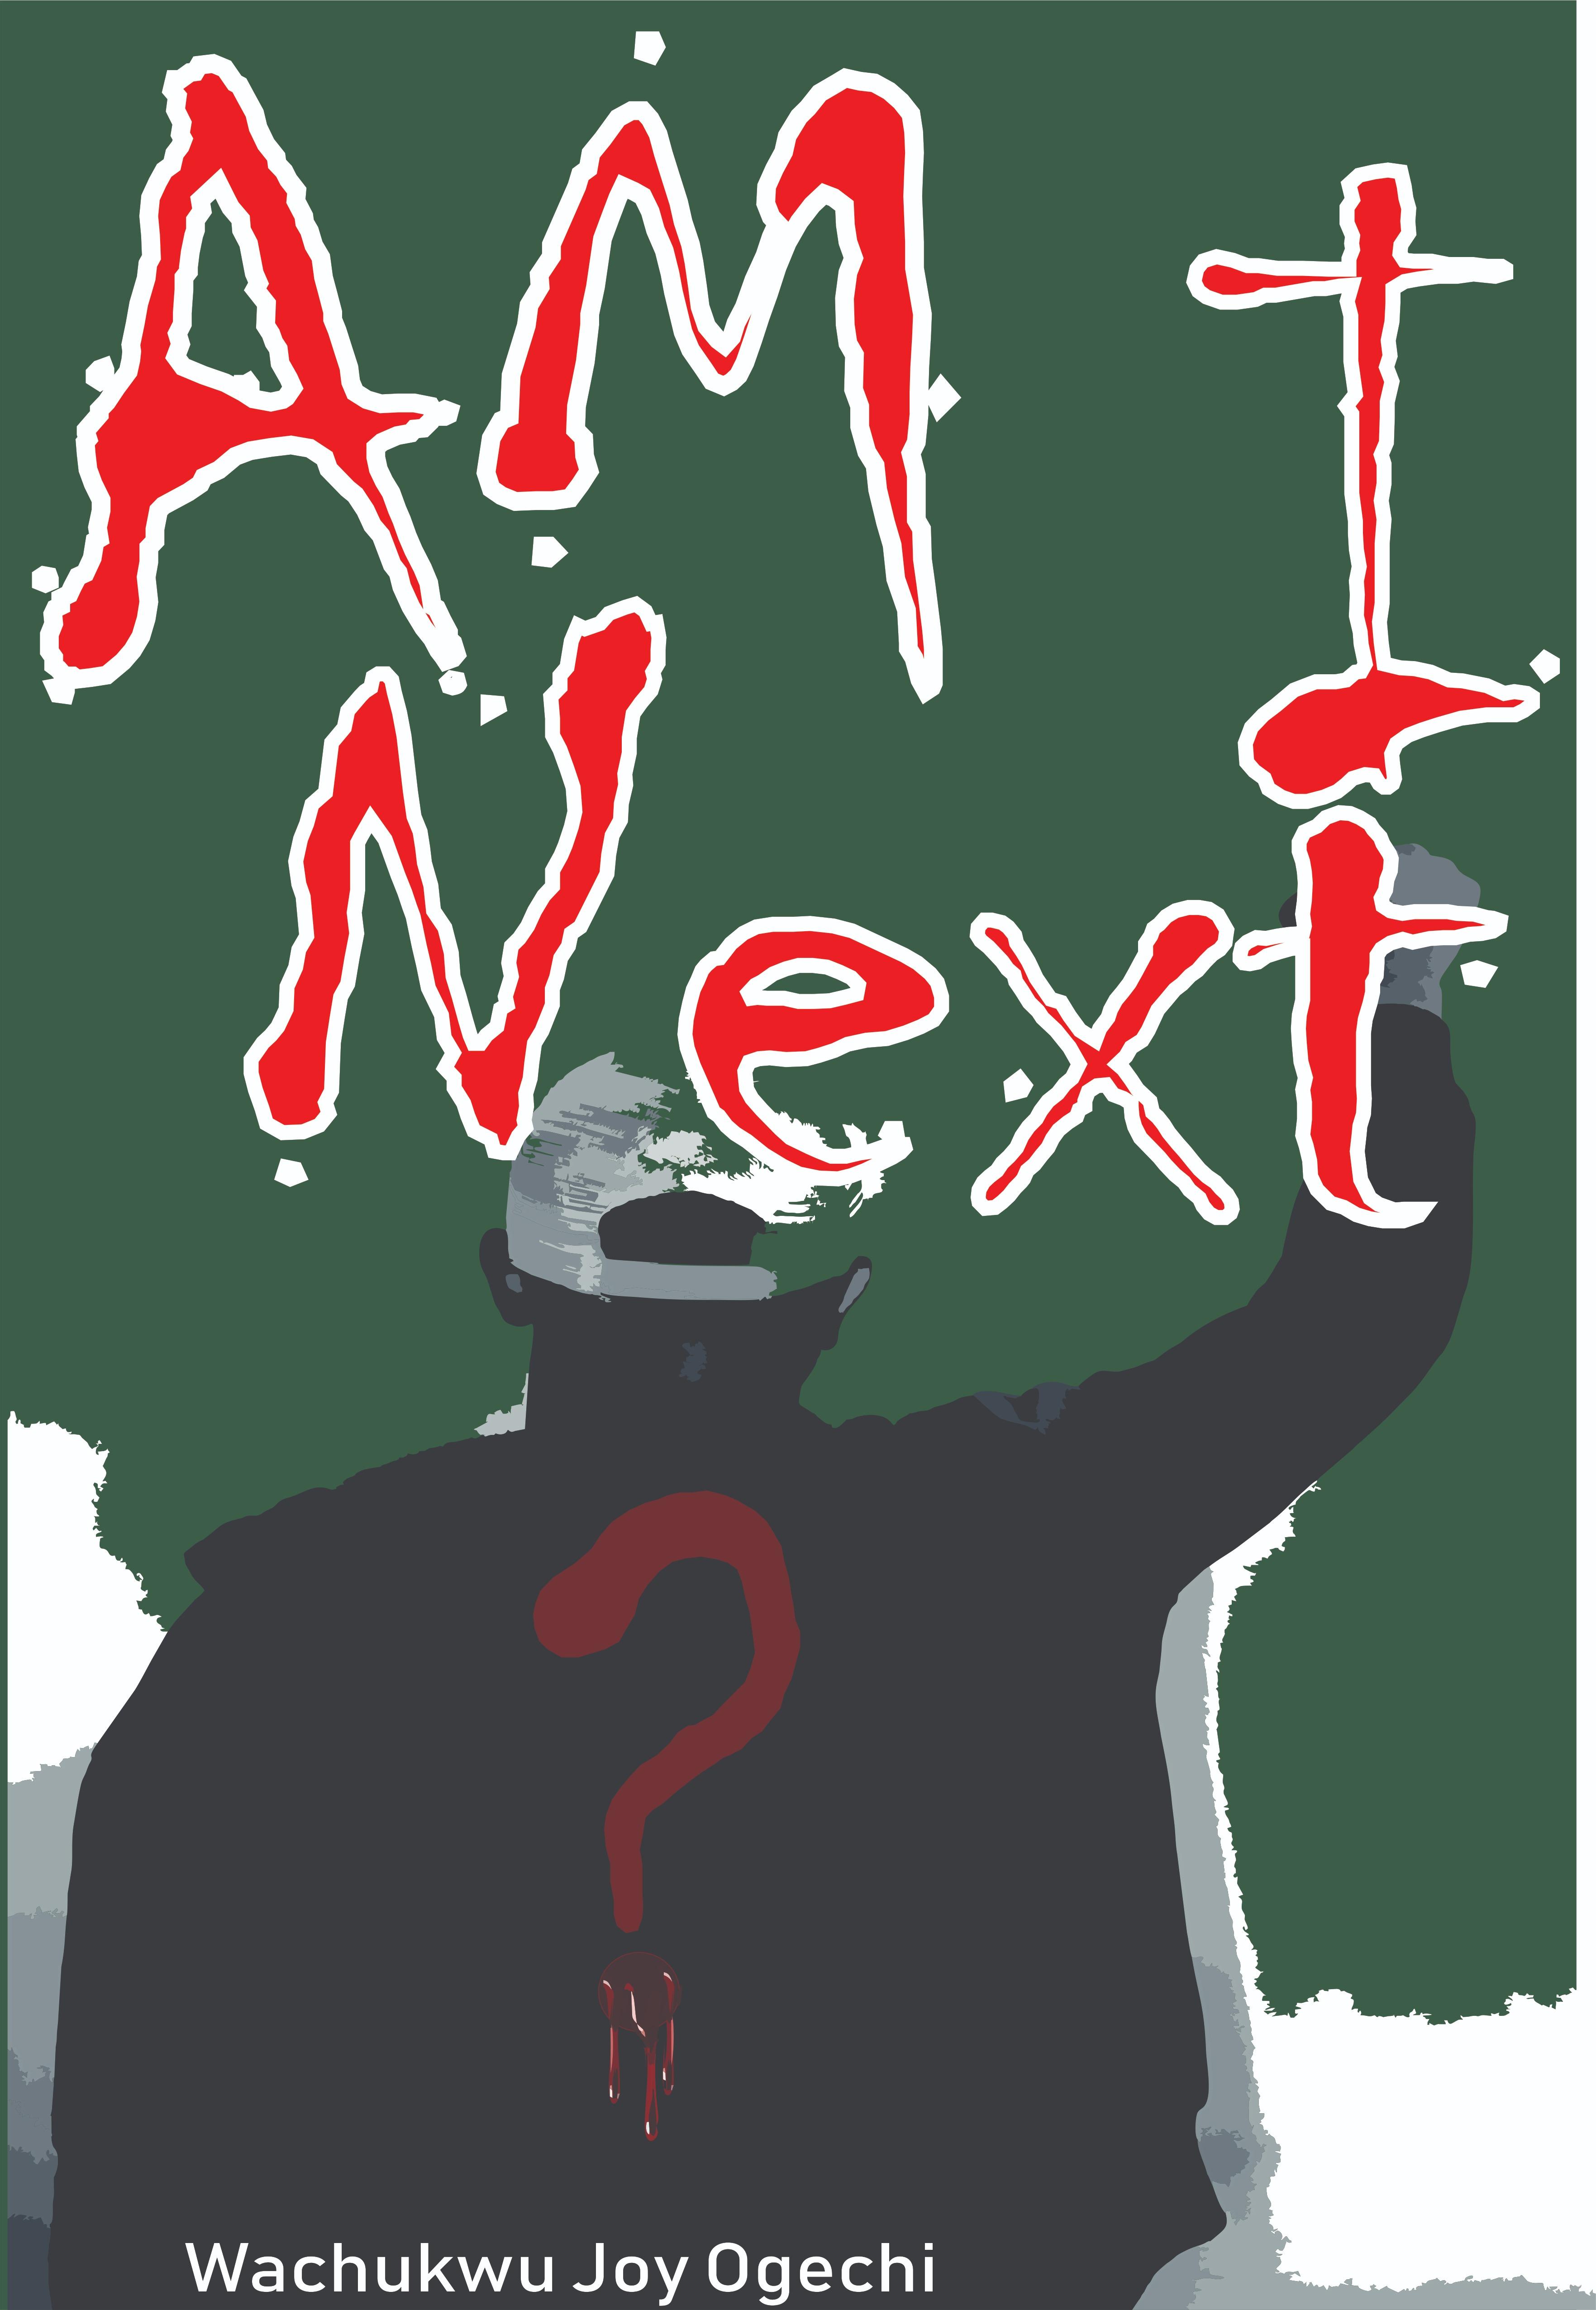 Am I next?